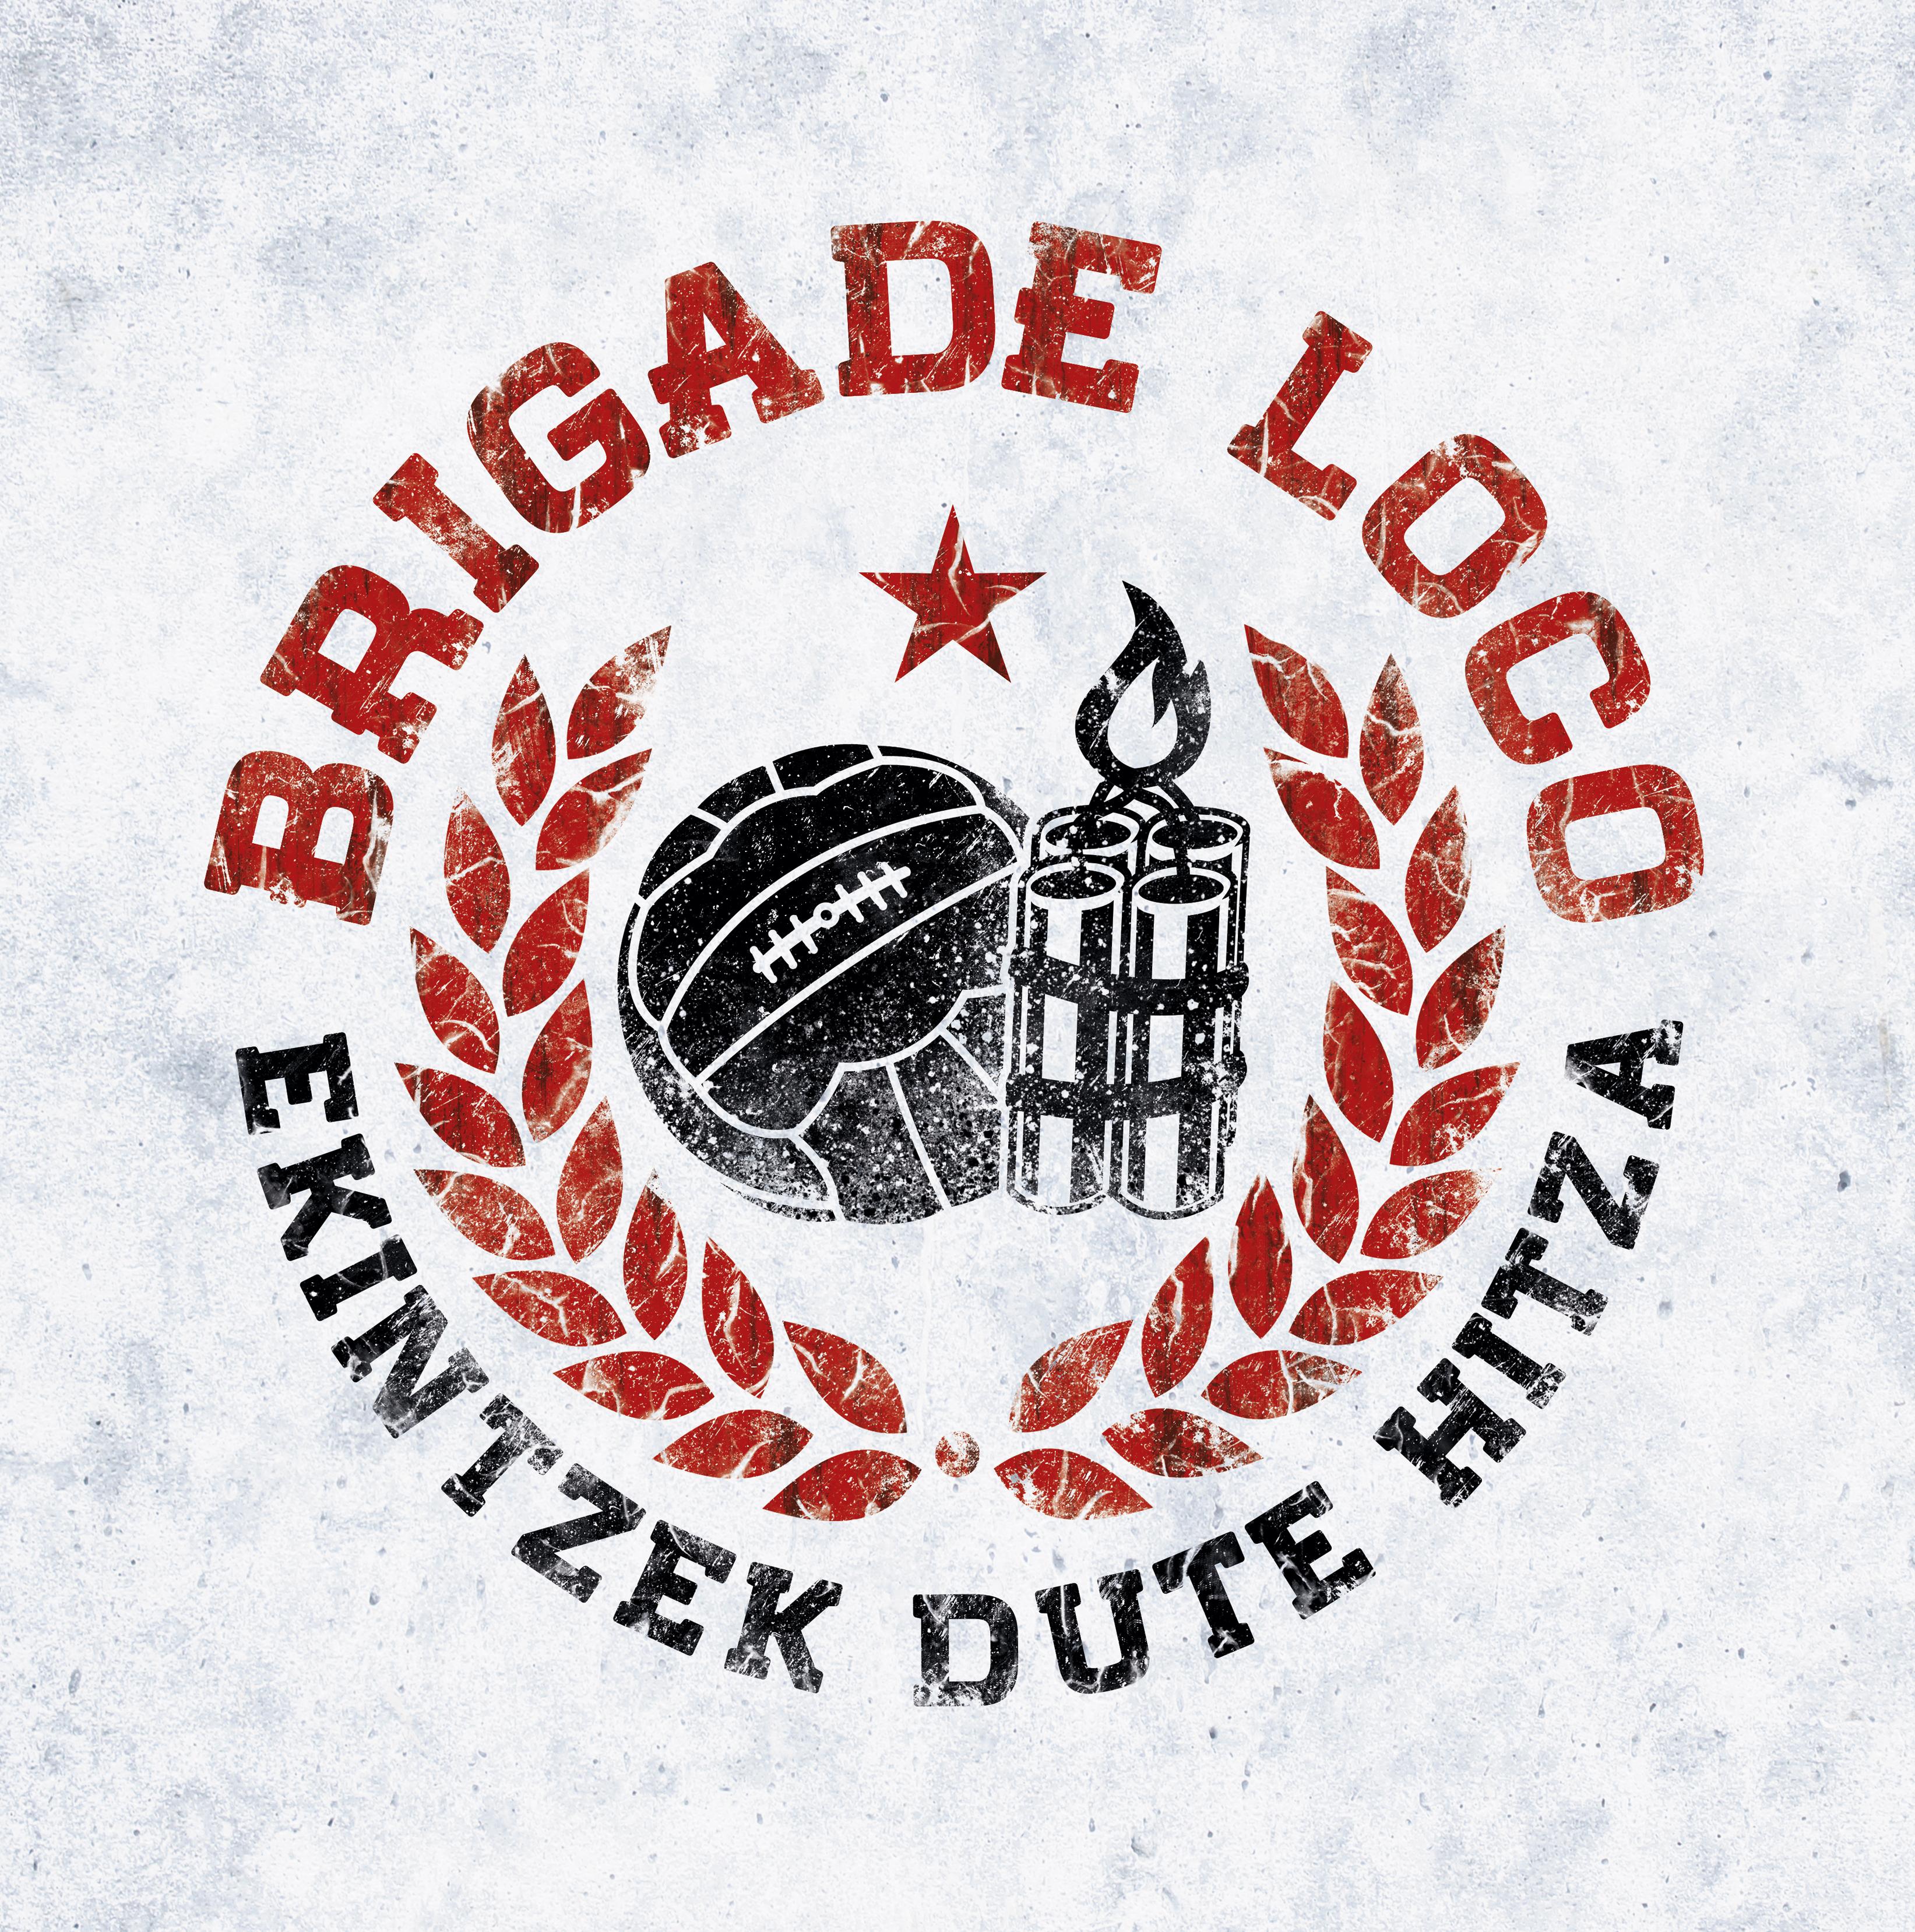 BRIGADE LOCO | Ekintzek dute hitza